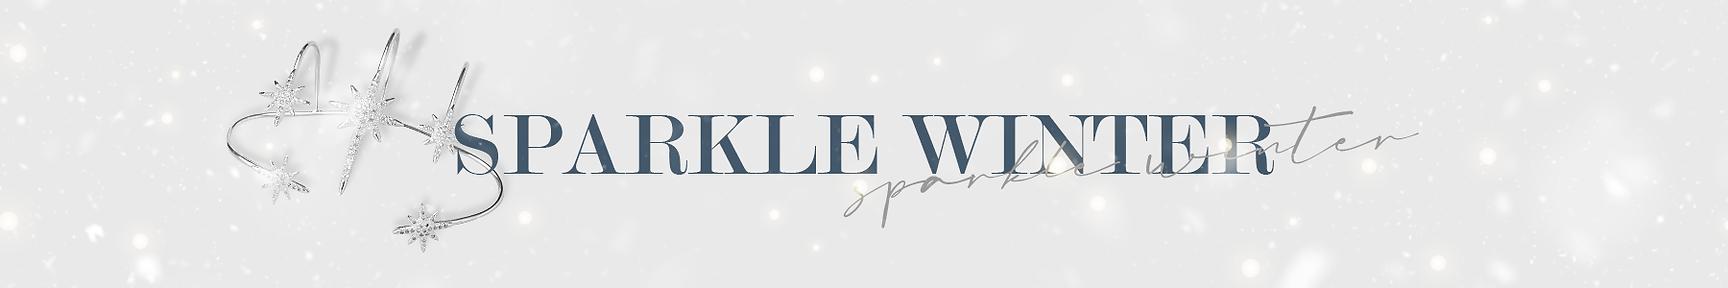 Sparkle iconique categoría.png